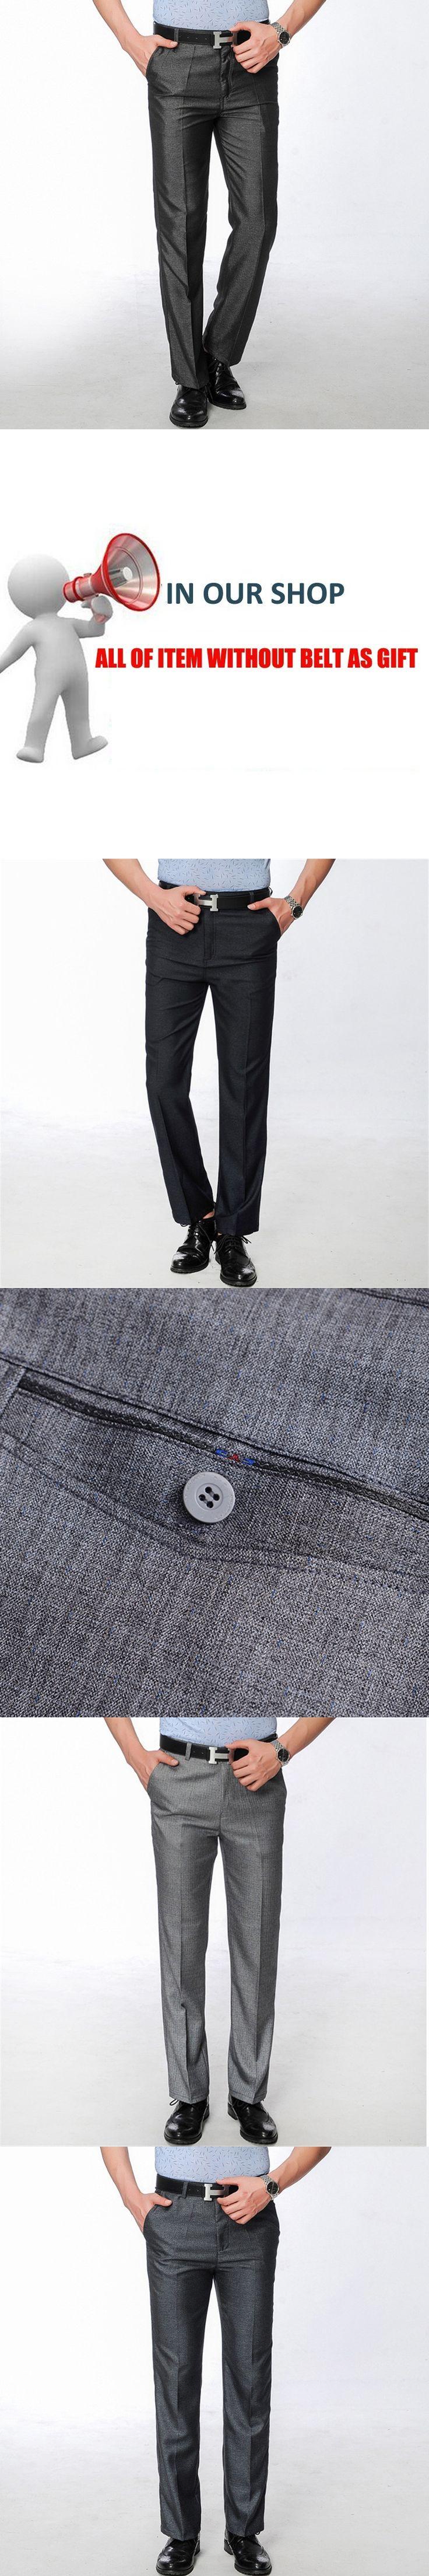 Mens Dress Pants 2017 Men Slim Fit Black Suit Pants Costume Pantalon Homme Regular Fit Grey Straight Trousers of Suits no belts